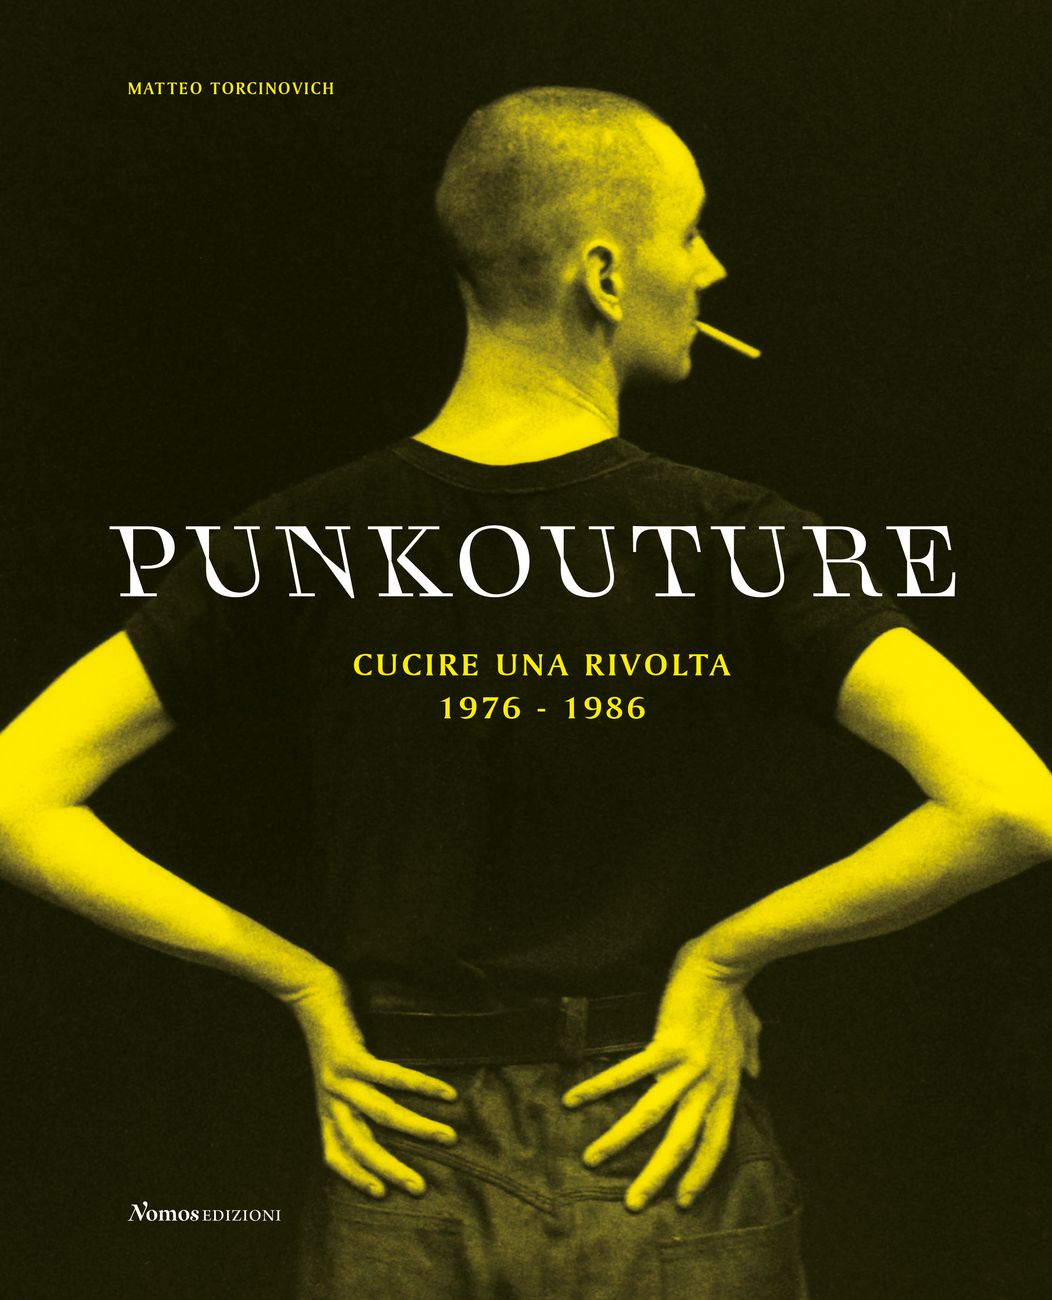 Matteo Torcinovich – Punkouture. Cucire una rivolta, 1976 1986 (Nomos, Busto Arsizio 2019)